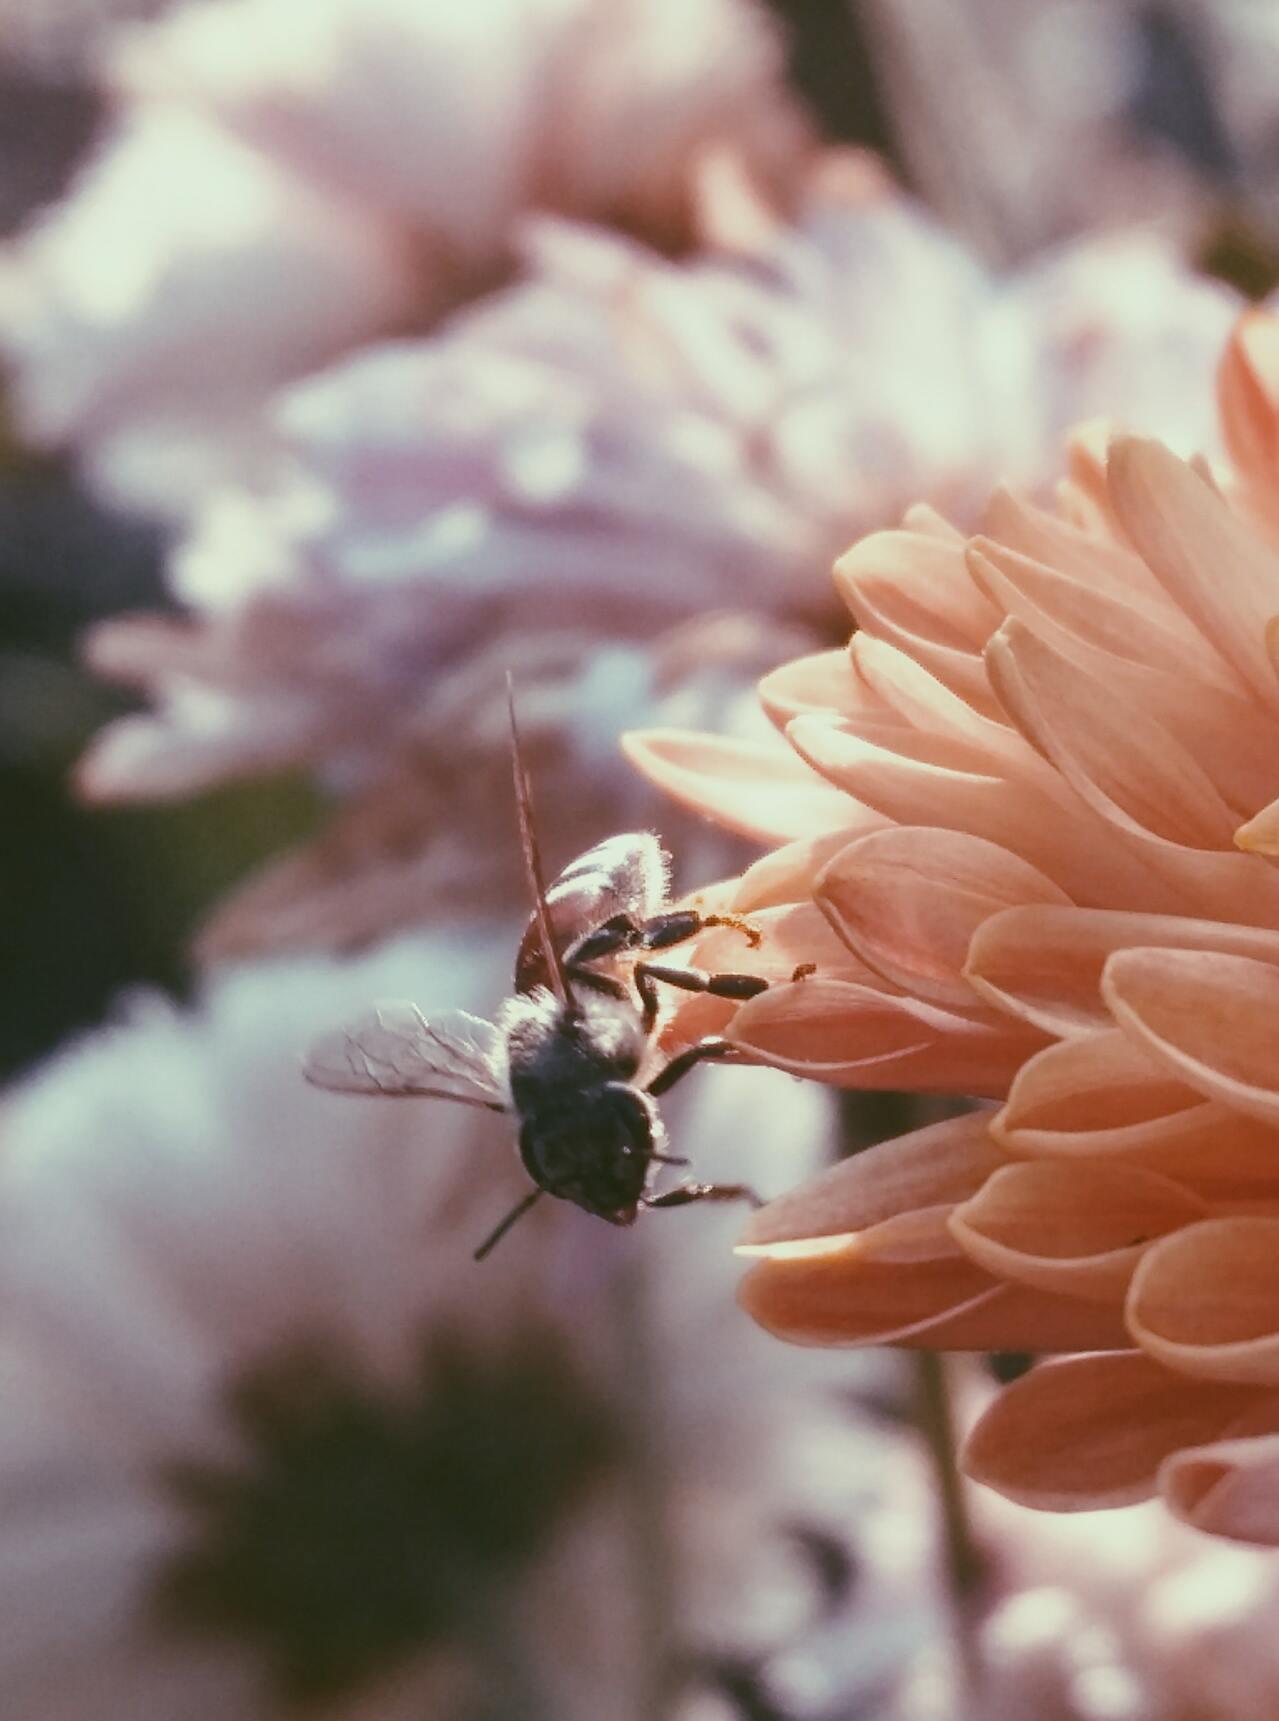 Hình ảnh ong lấy mật hoa đẹp